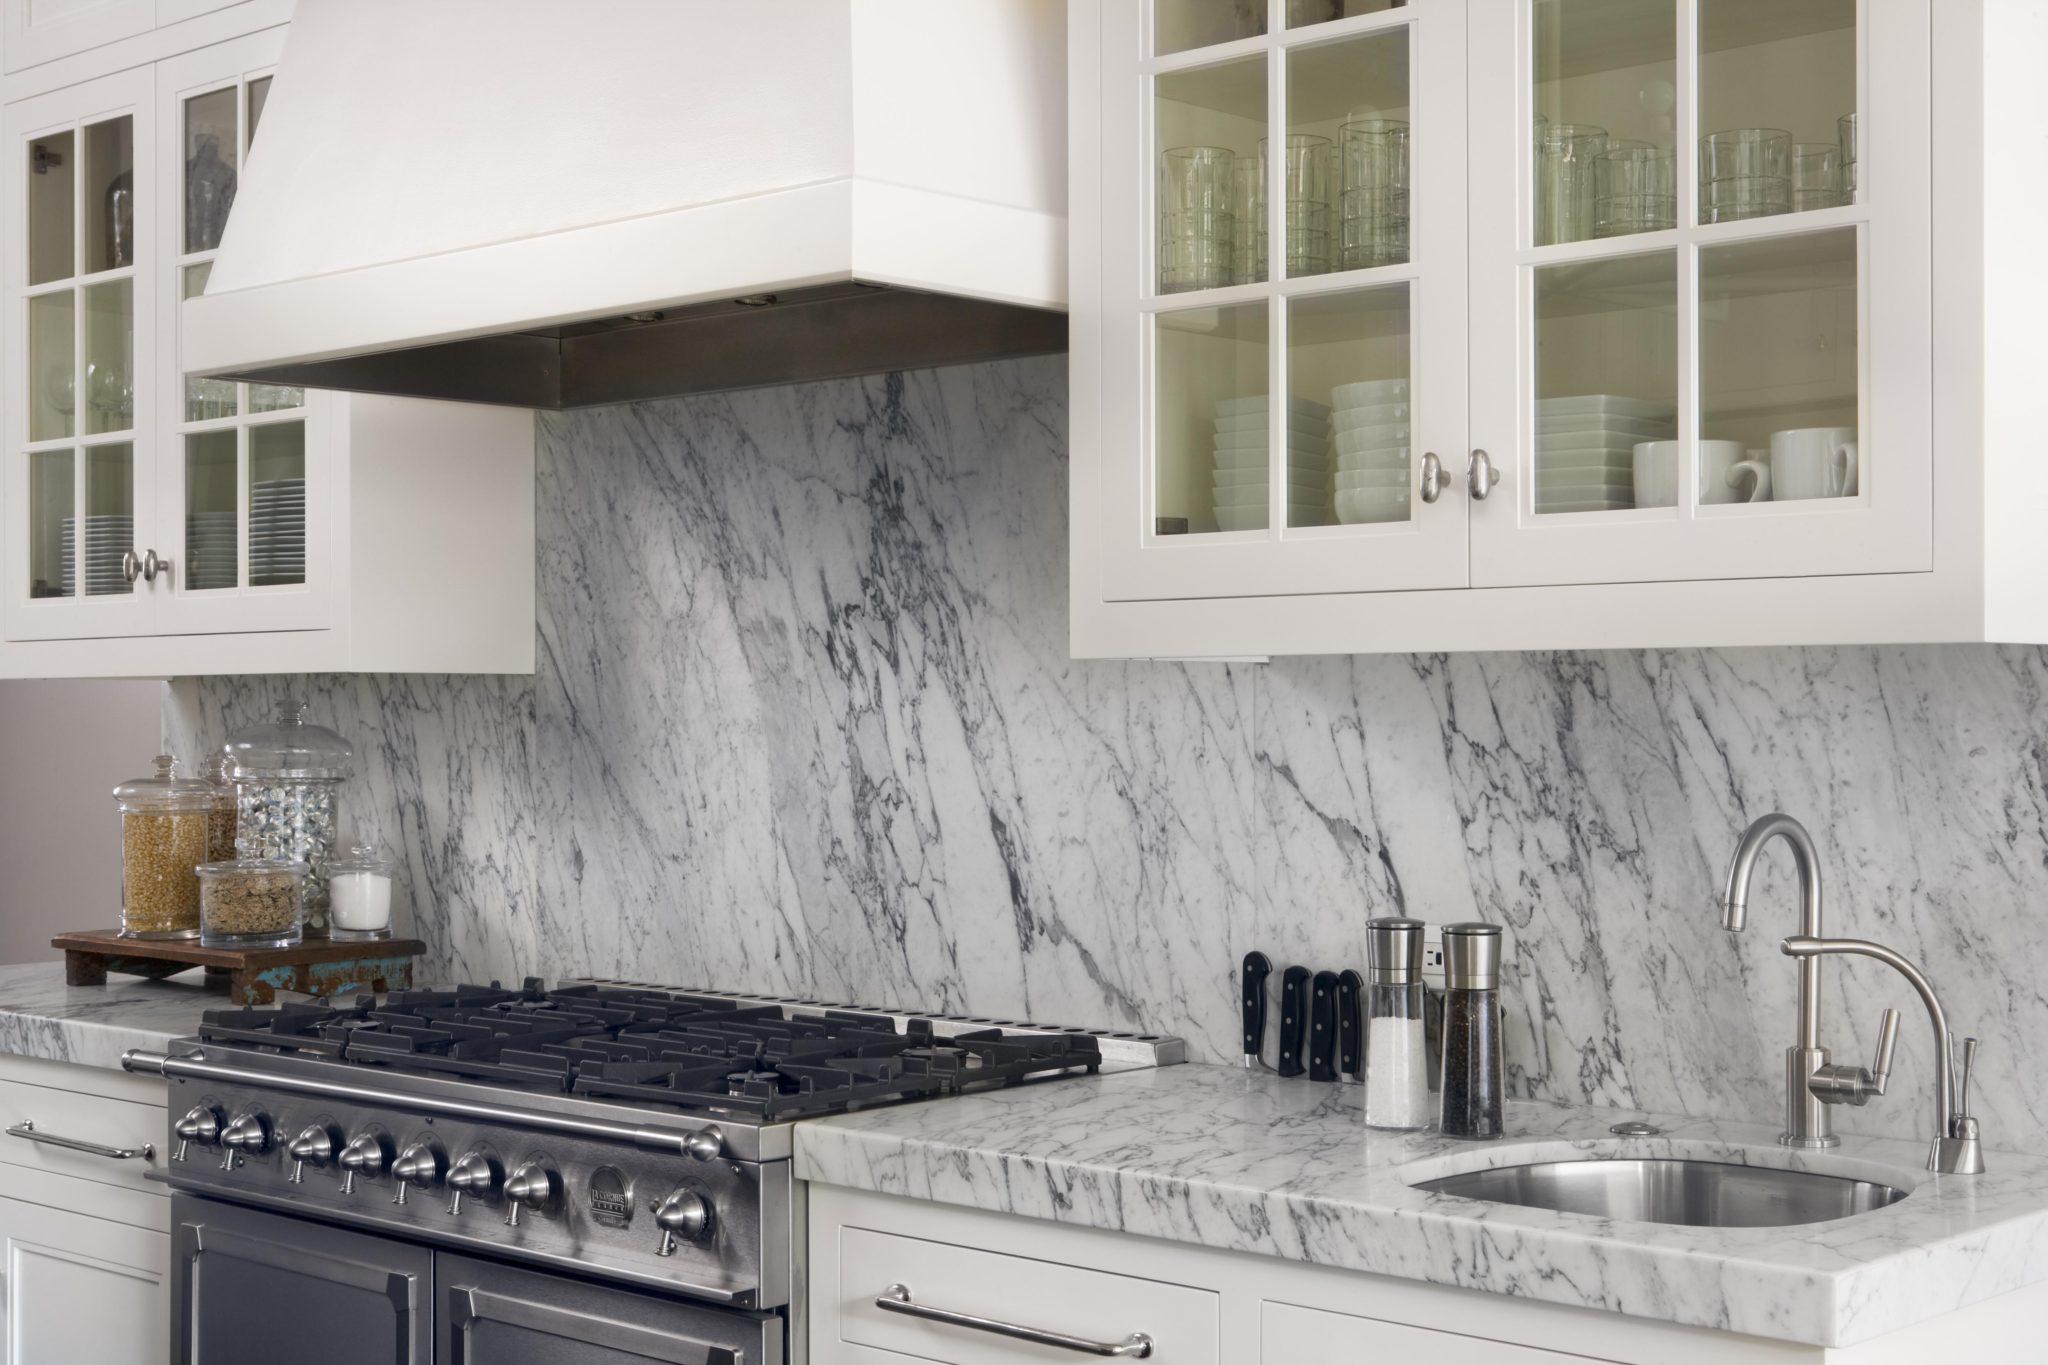 Roscoe Village kitchen by Michael Del Piero Good Design